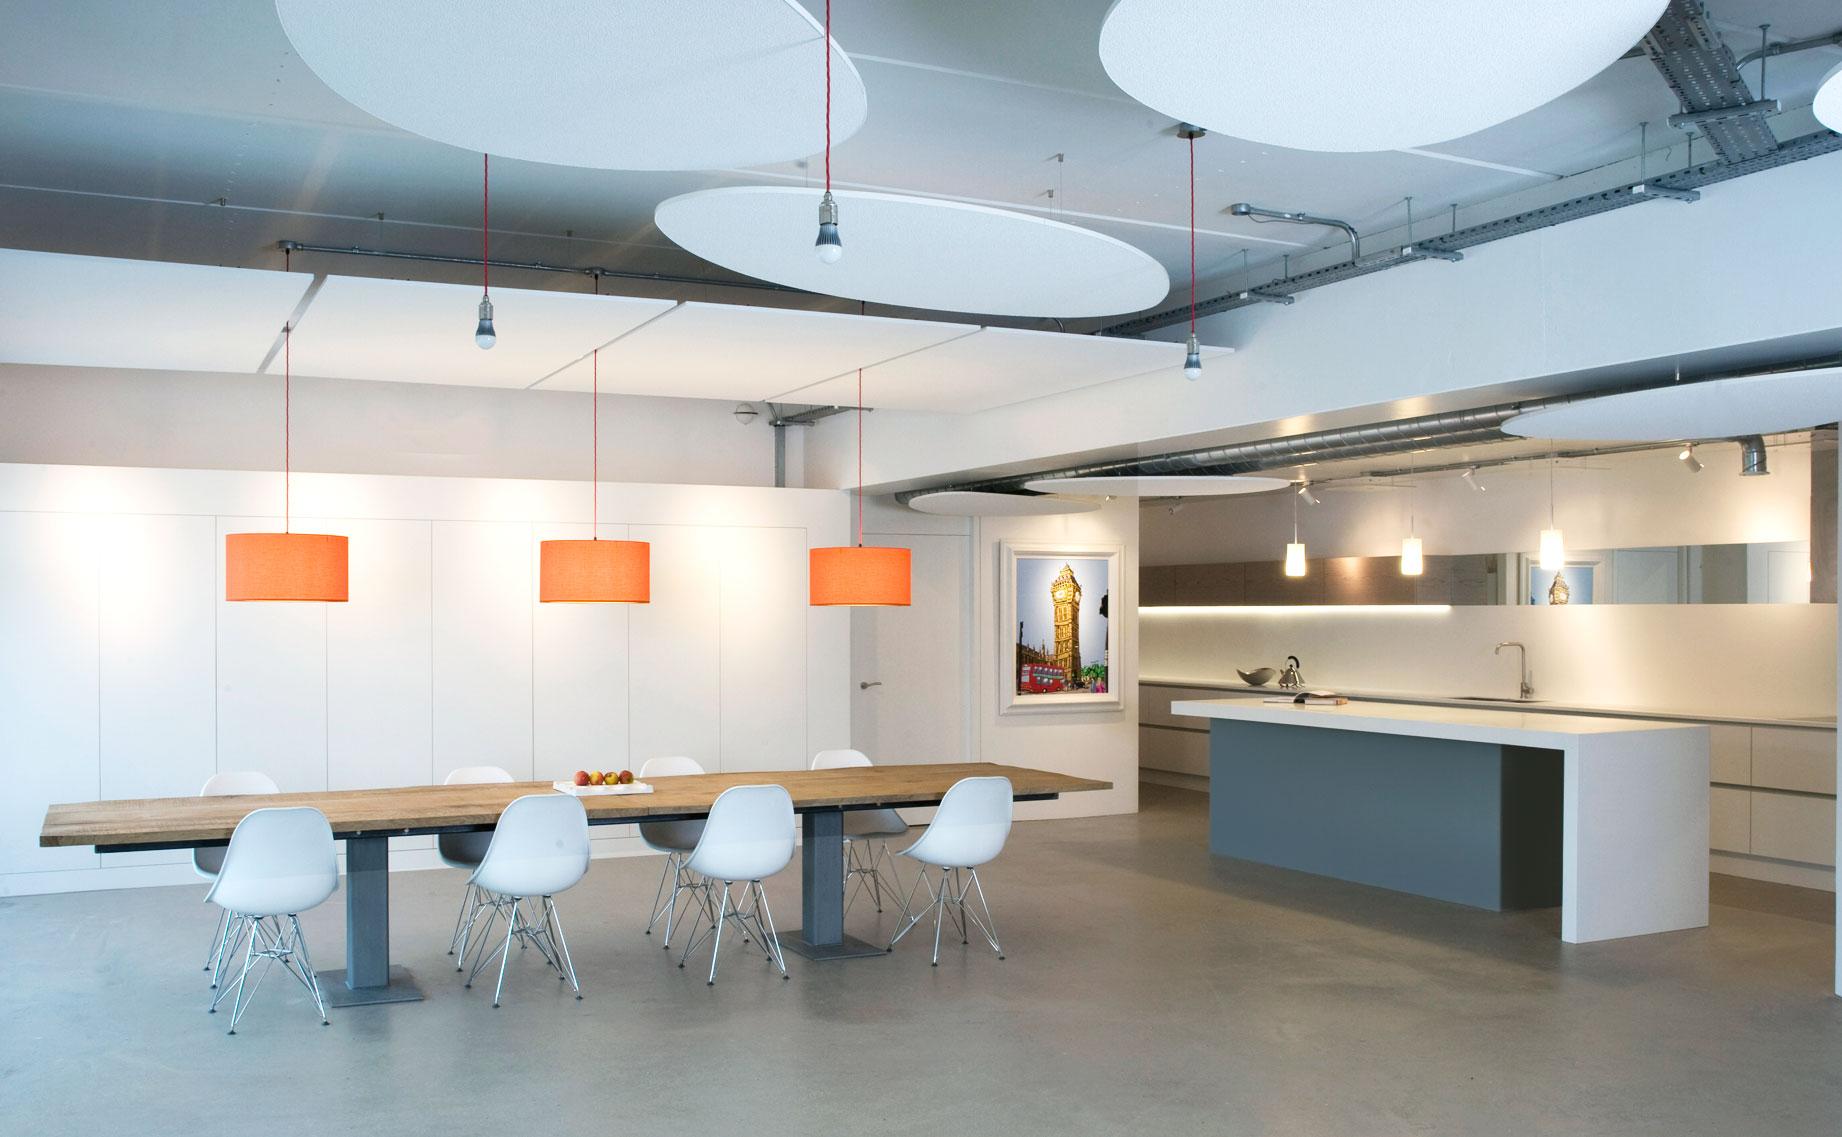 Kuche's Passivhaus Underhill kitchen had to meet strict eco criteria